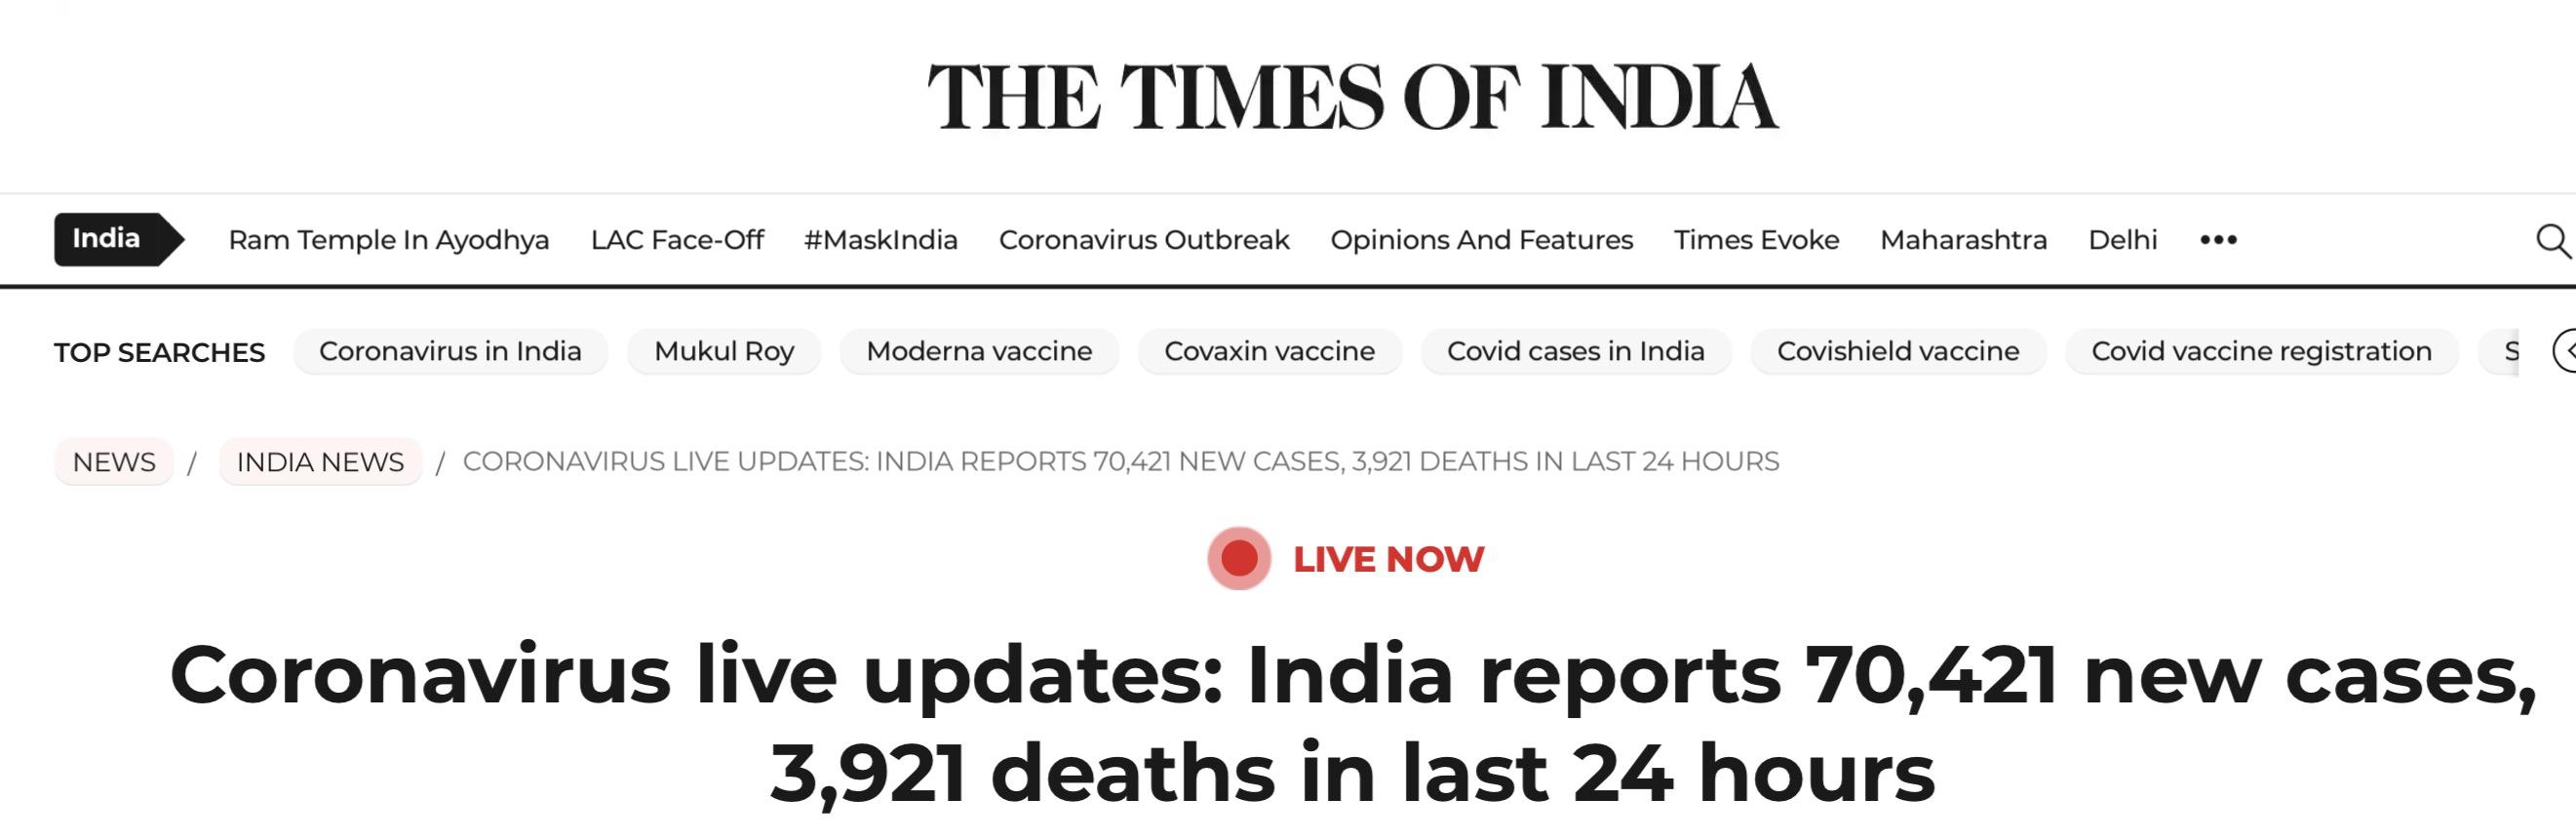 《【欧亿登陆app】印度单日新增新冠确诊病例70421例,印媒:4月1日以来最低》